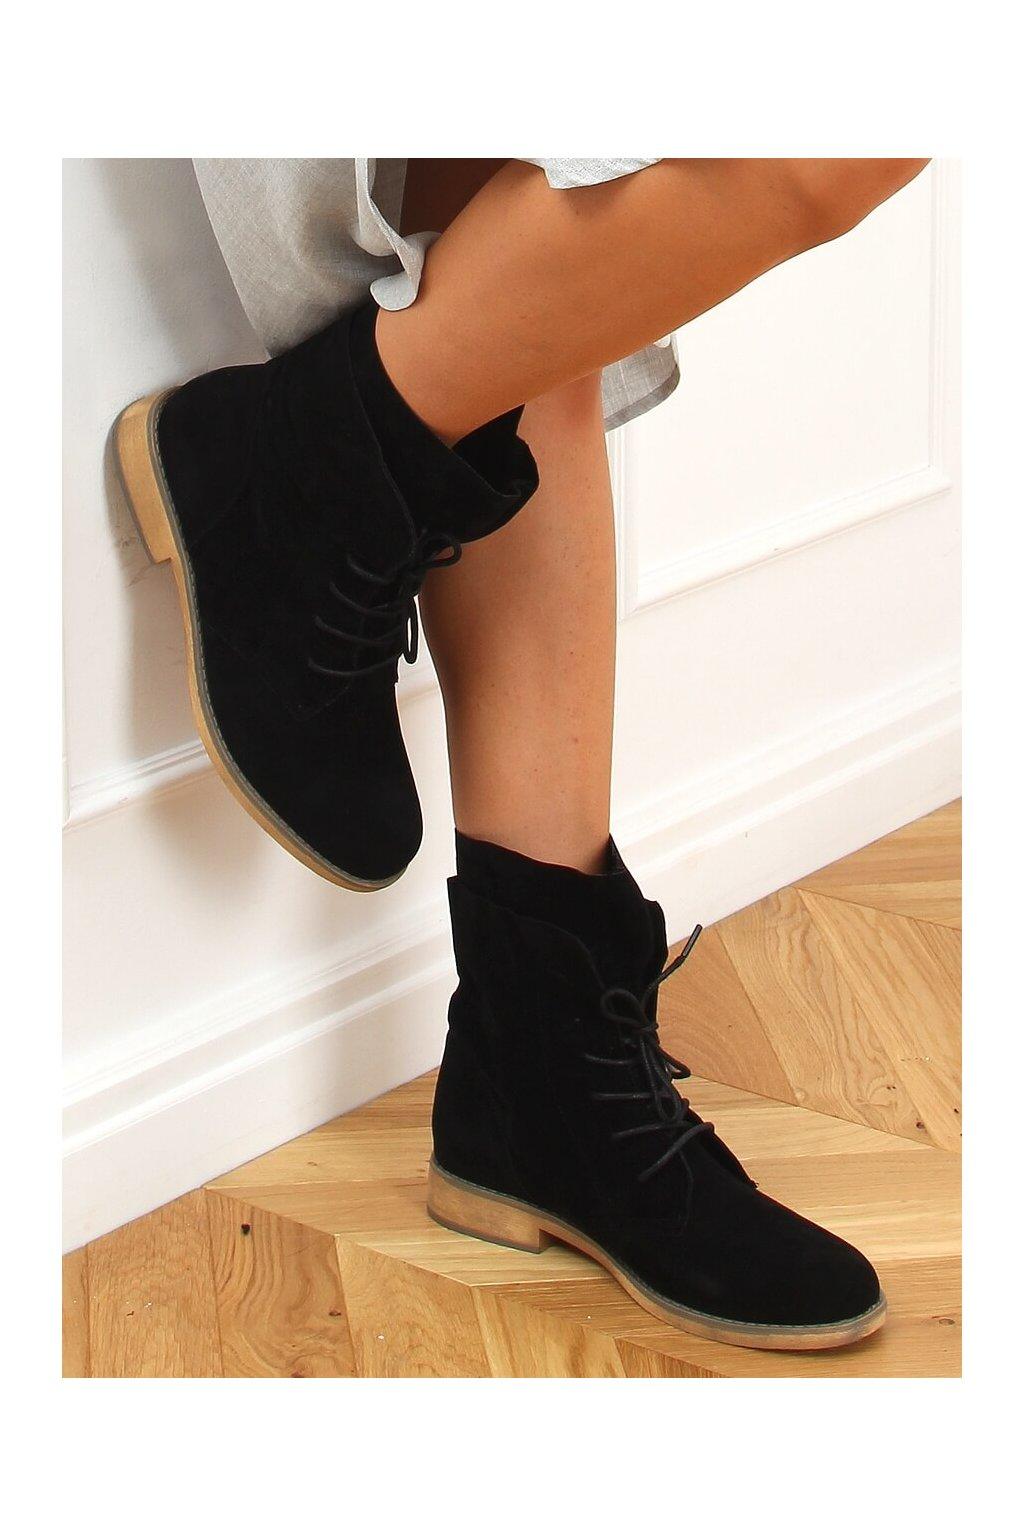 Dámske členkové topánky čierne na plochom podpätku NC1198